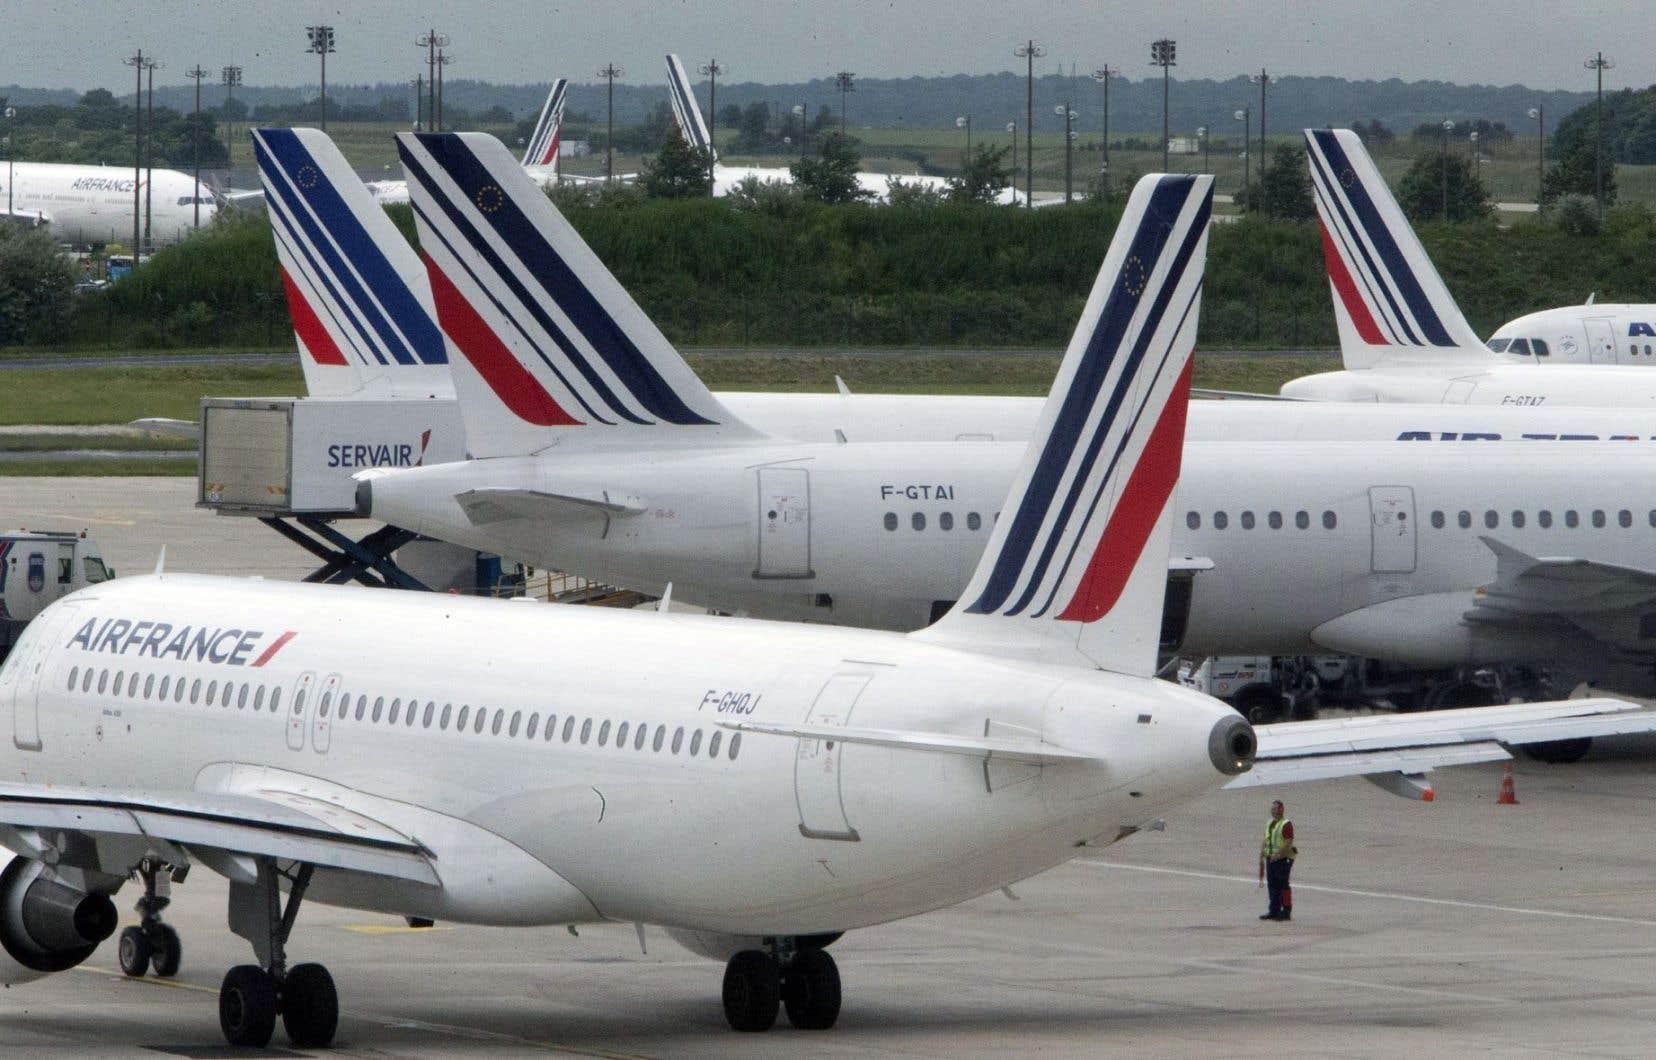 Le nouvel accord permet à Air France et à ses partenaires de s'adjuger 27% des capacités du marché nord-atlantique devant les partenariats rivaux.